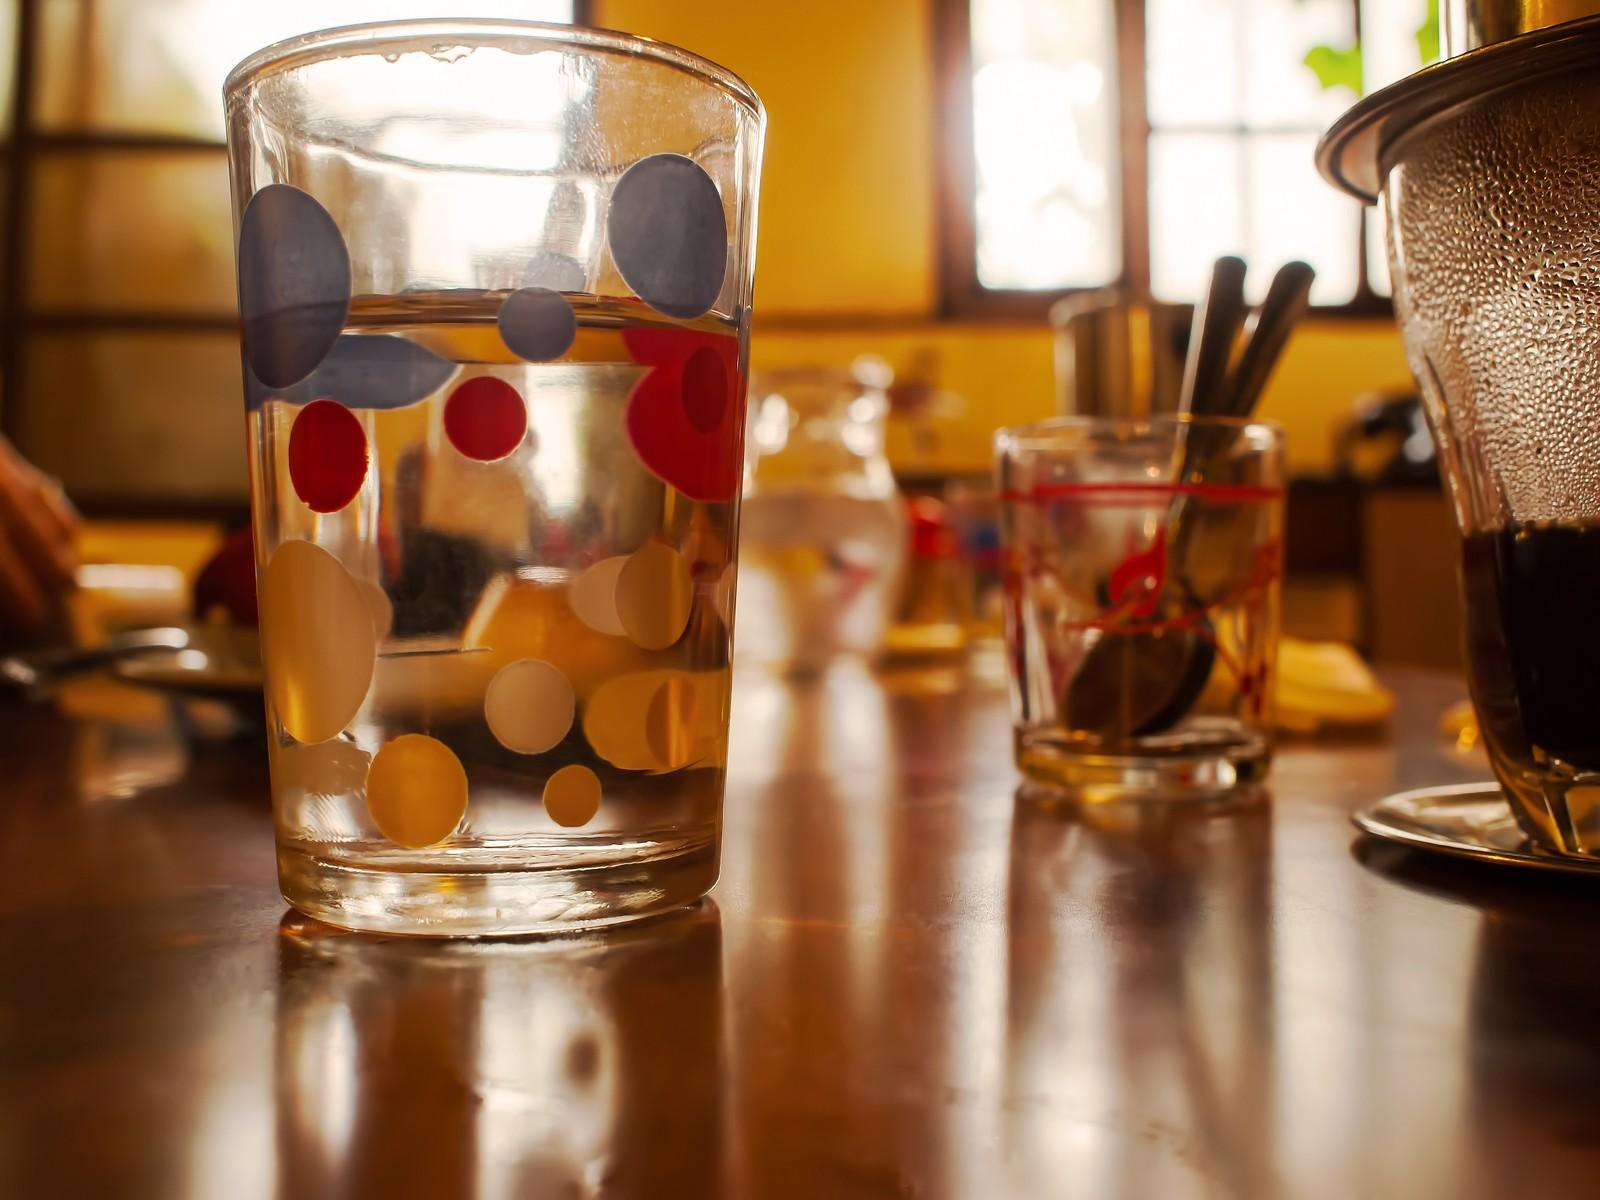 あめいろCAFEは宮崎で人気の古民家カフェ!おすすめメニューや営業時間も紹介